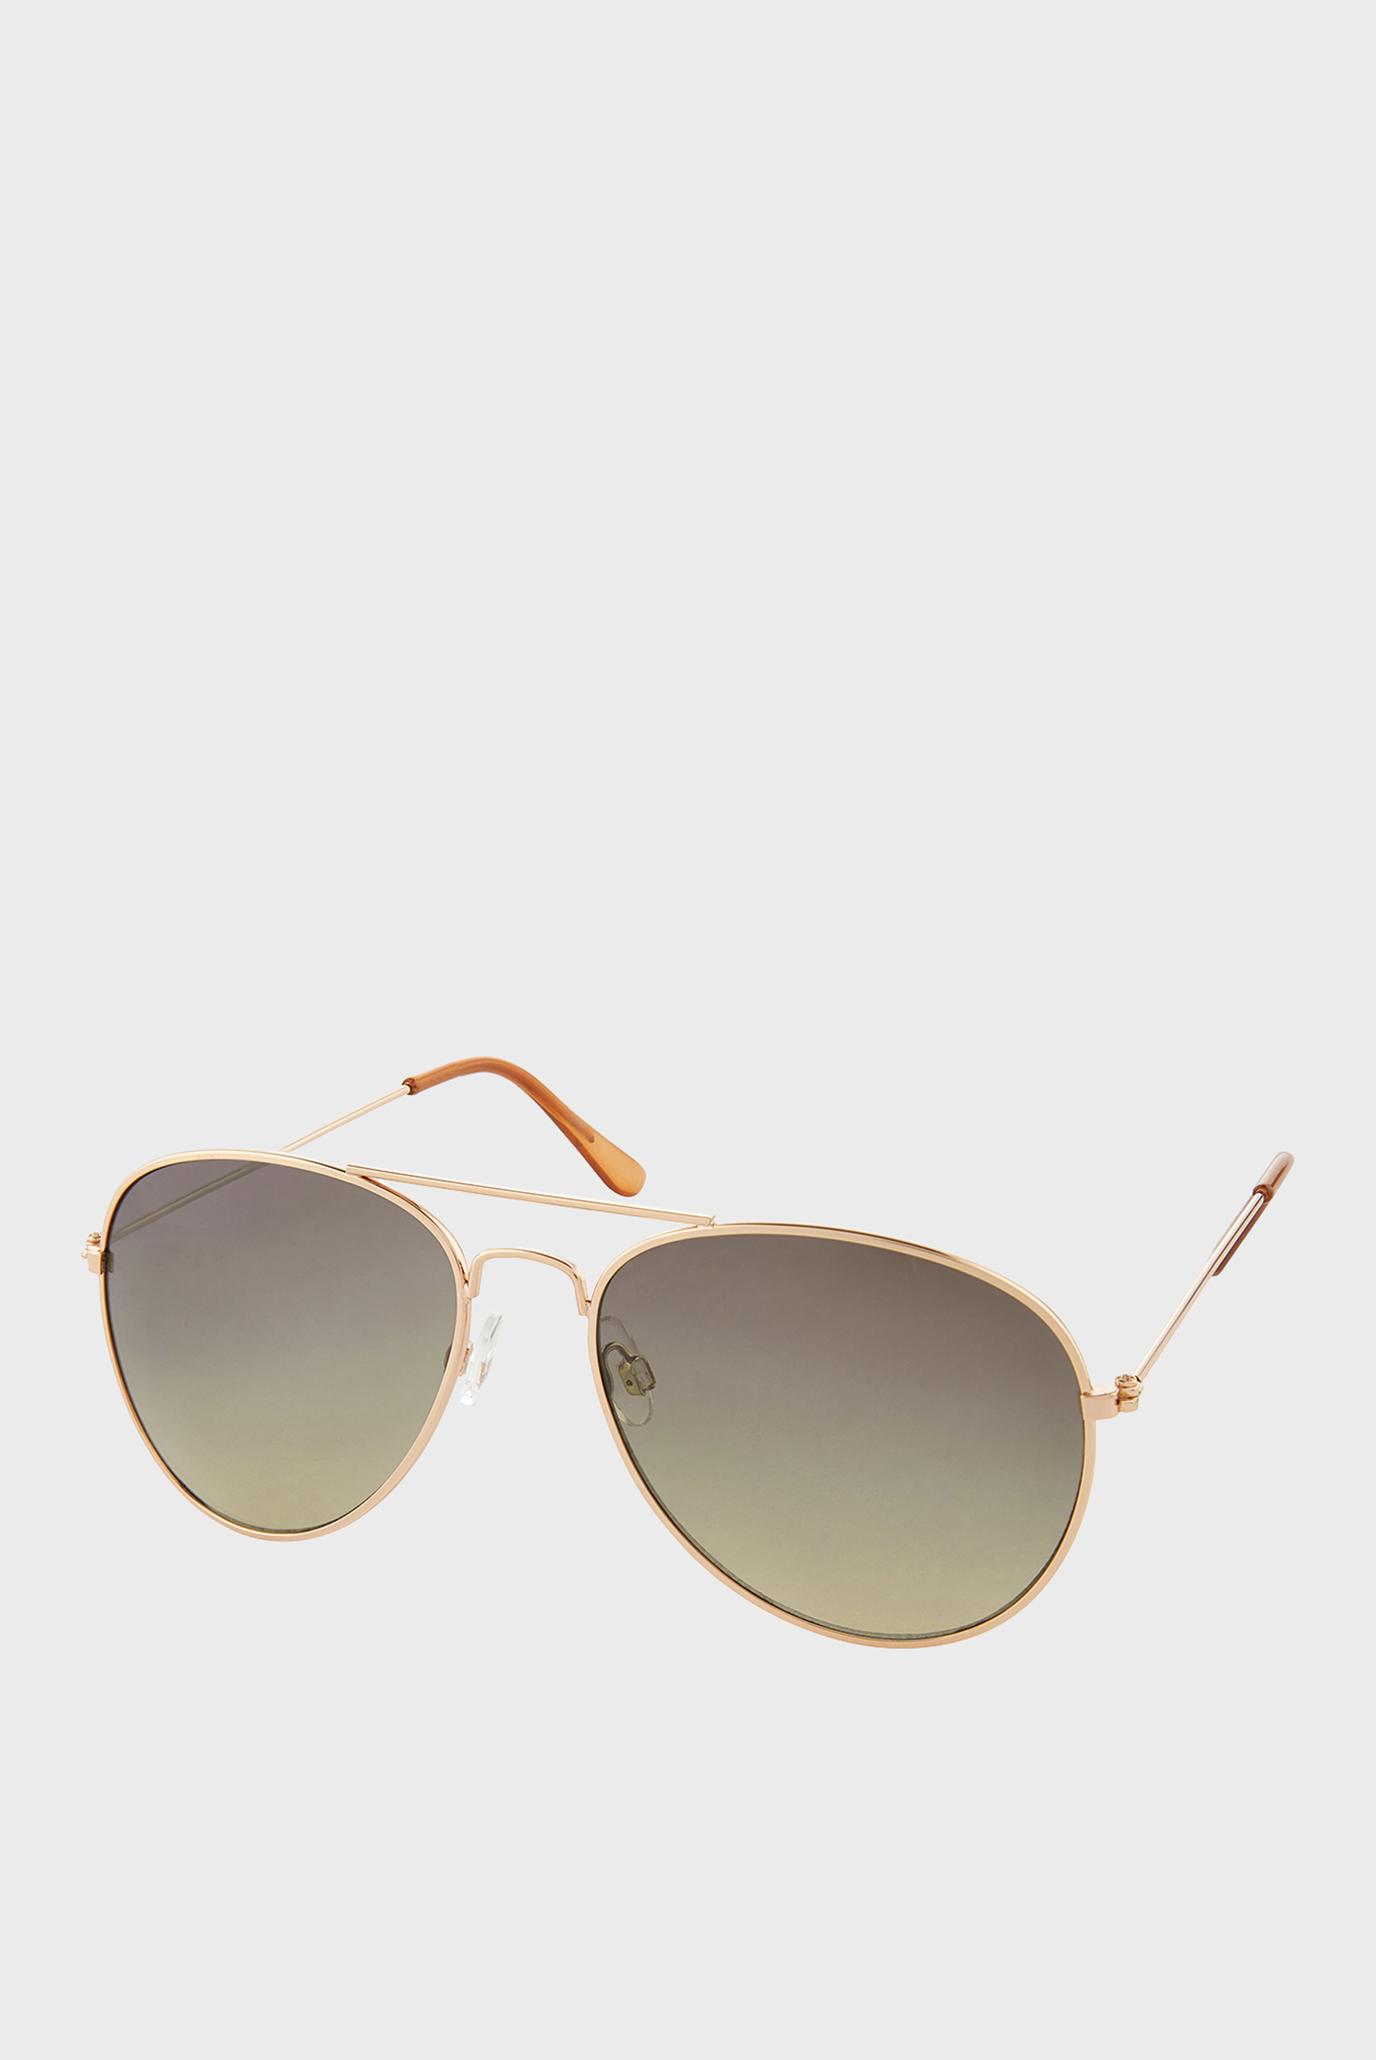 Жіночі сонцезахисні окуляри CHANTAL AVIATOR 1